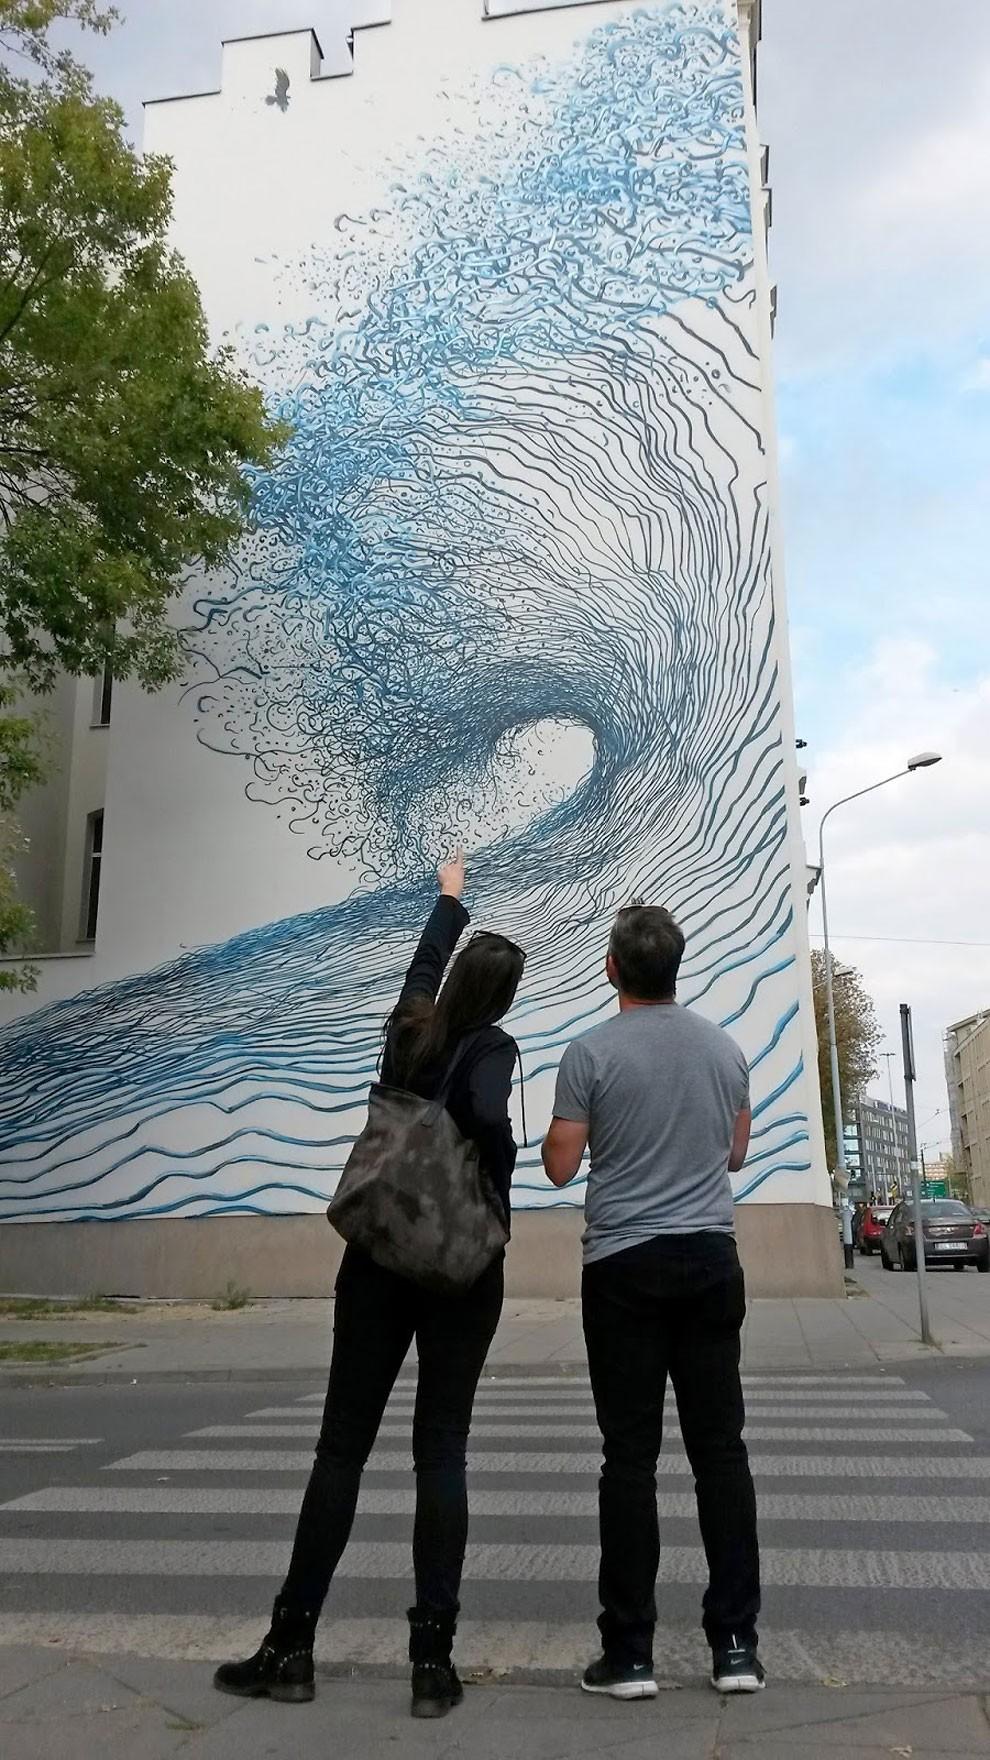 street-art-daleast-lodz-polonia-lodzmurals-festival-7